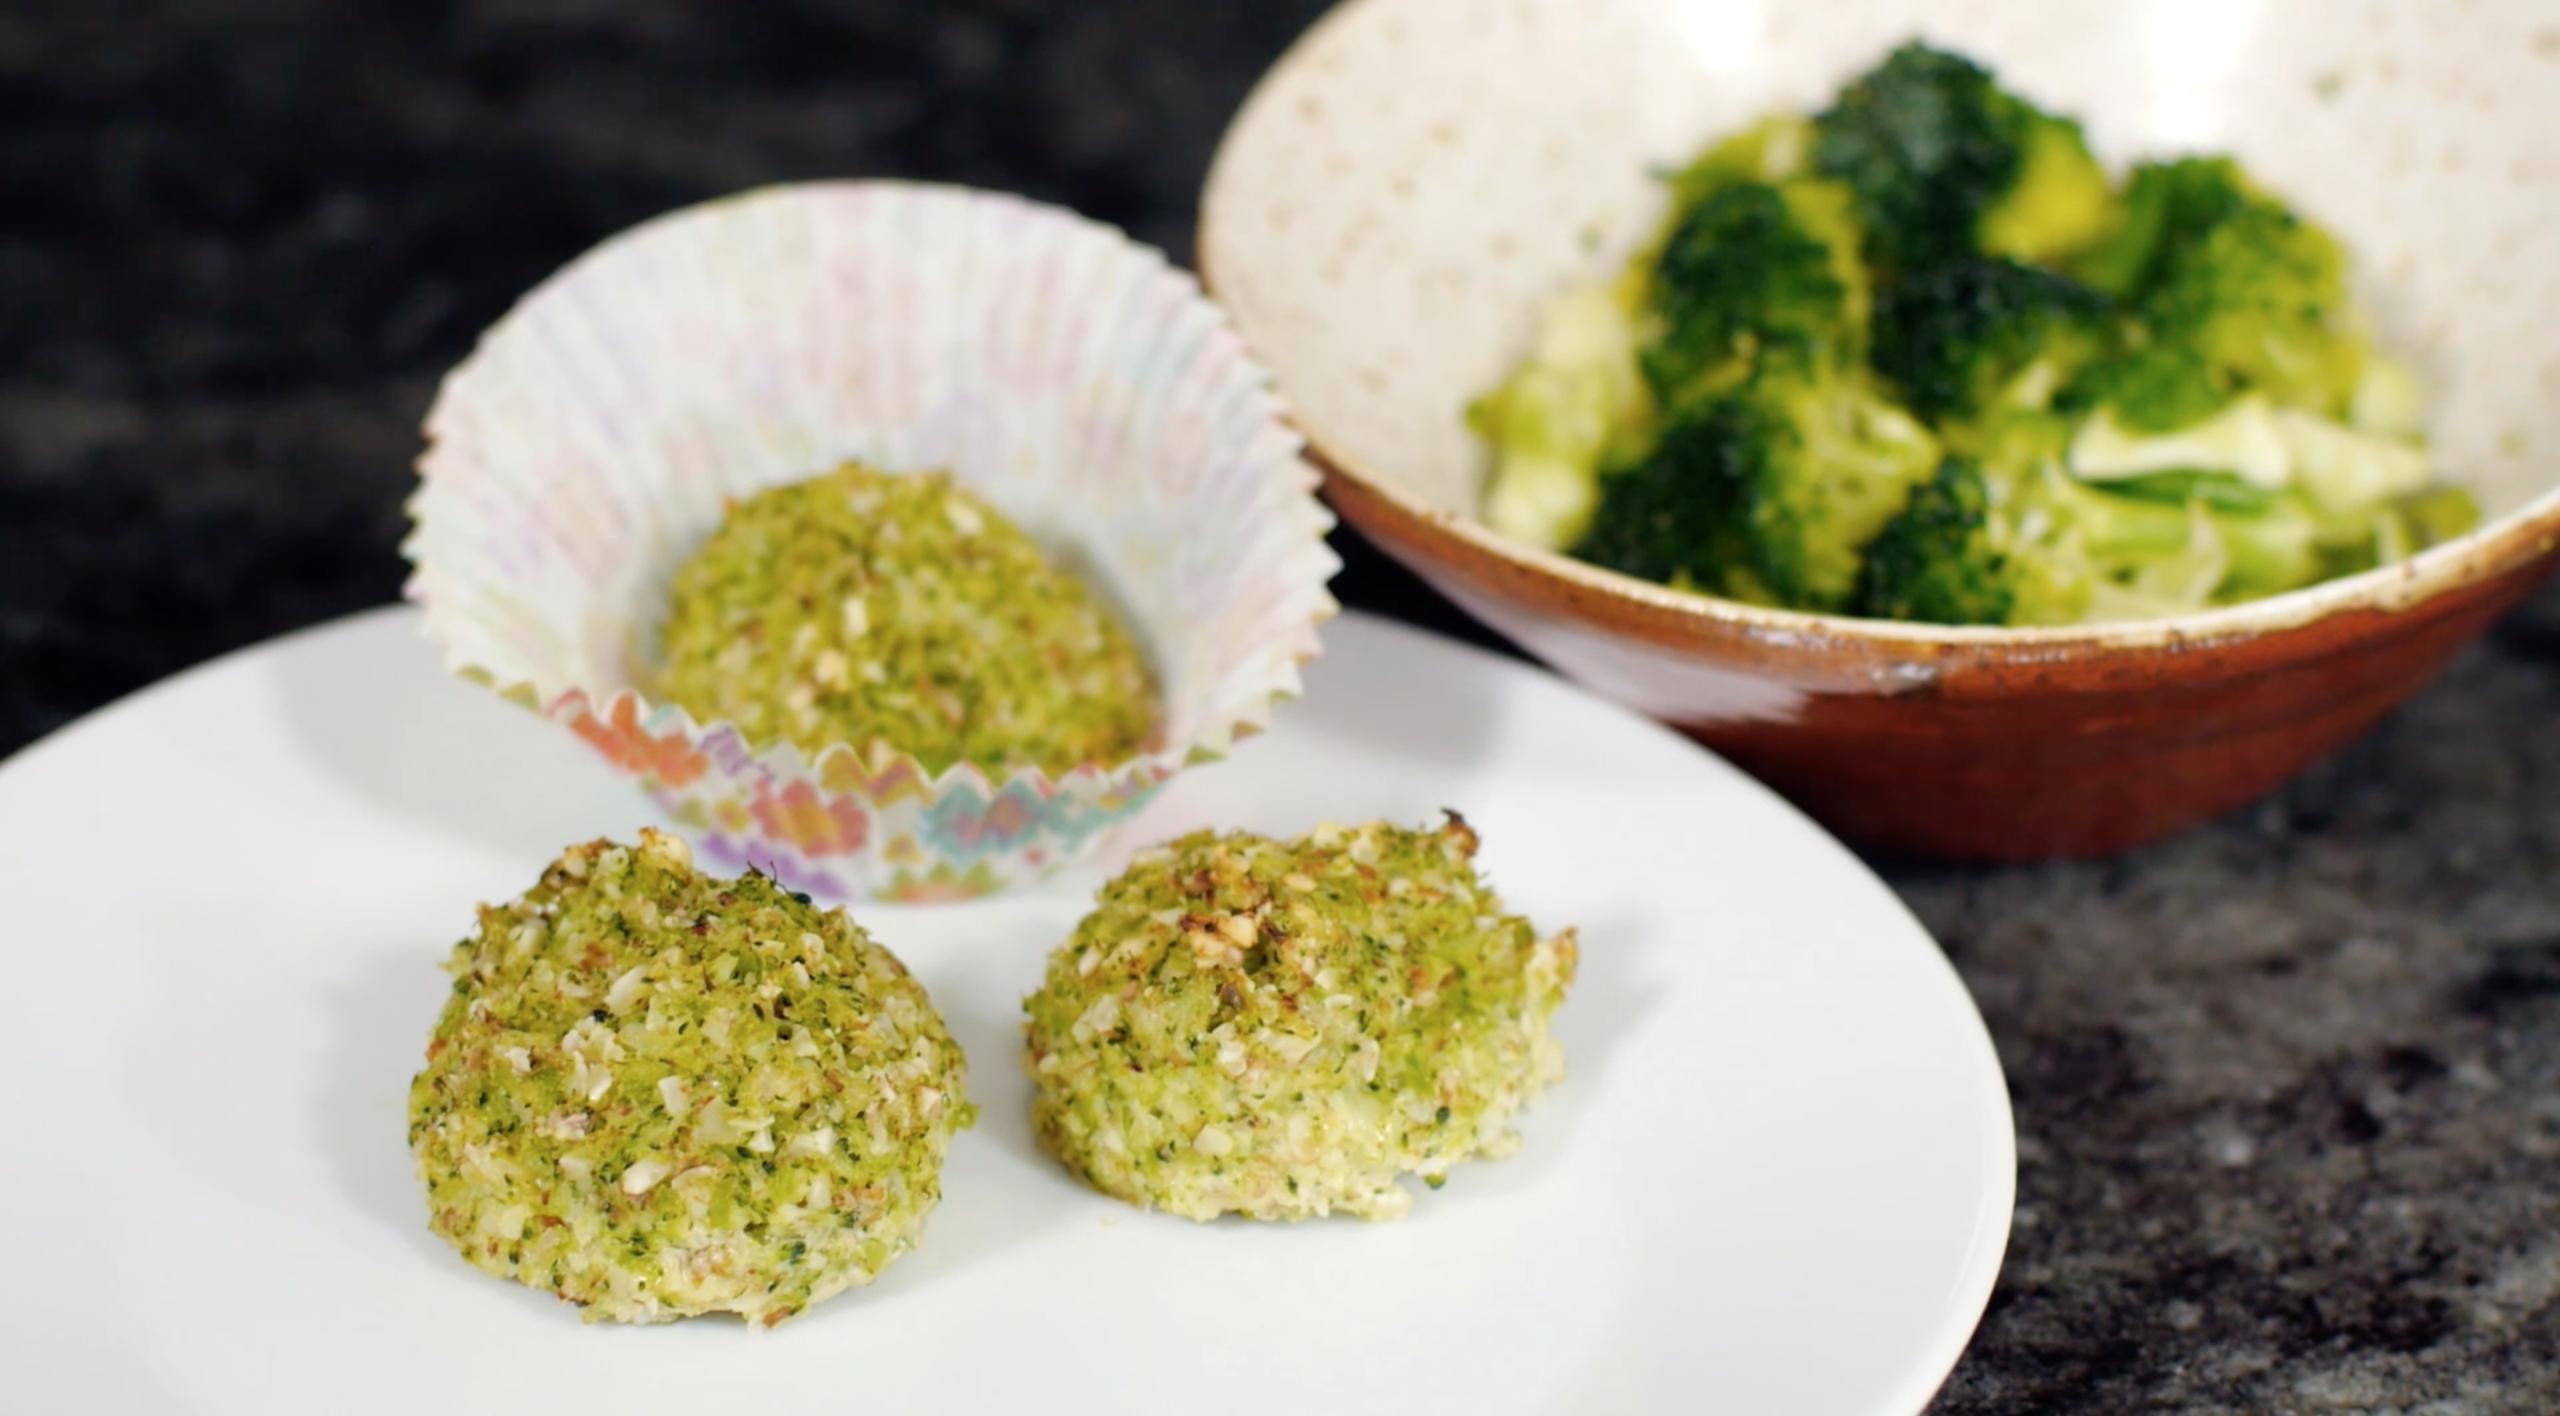 hur länge kokar man broccoli